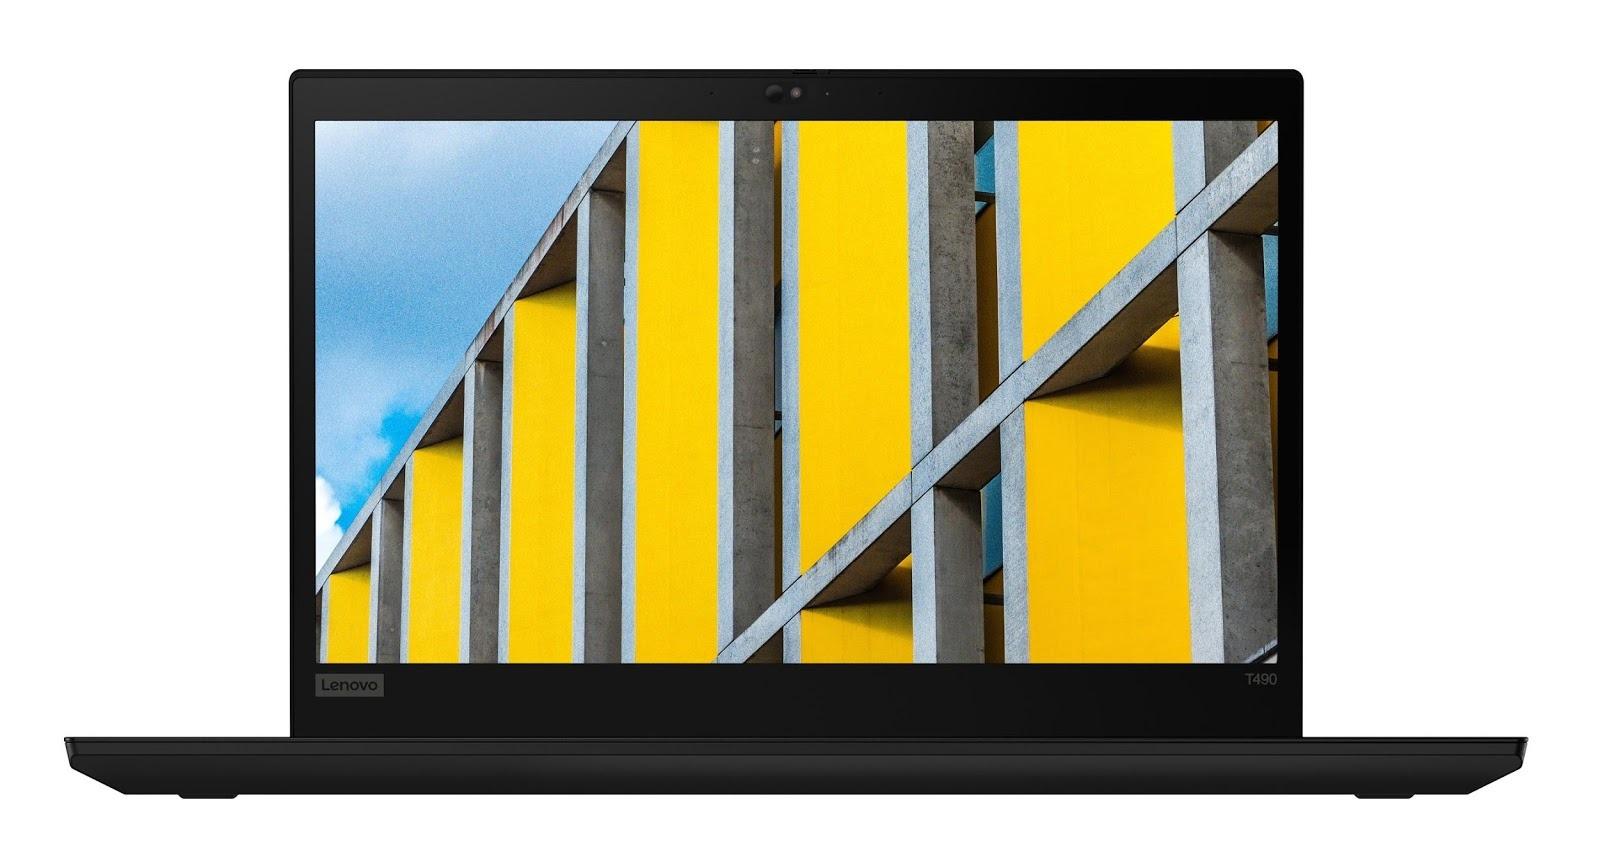 Фото 3. Ноутбук Lenovo ThinkPad T490 Black (20N2000QRT)